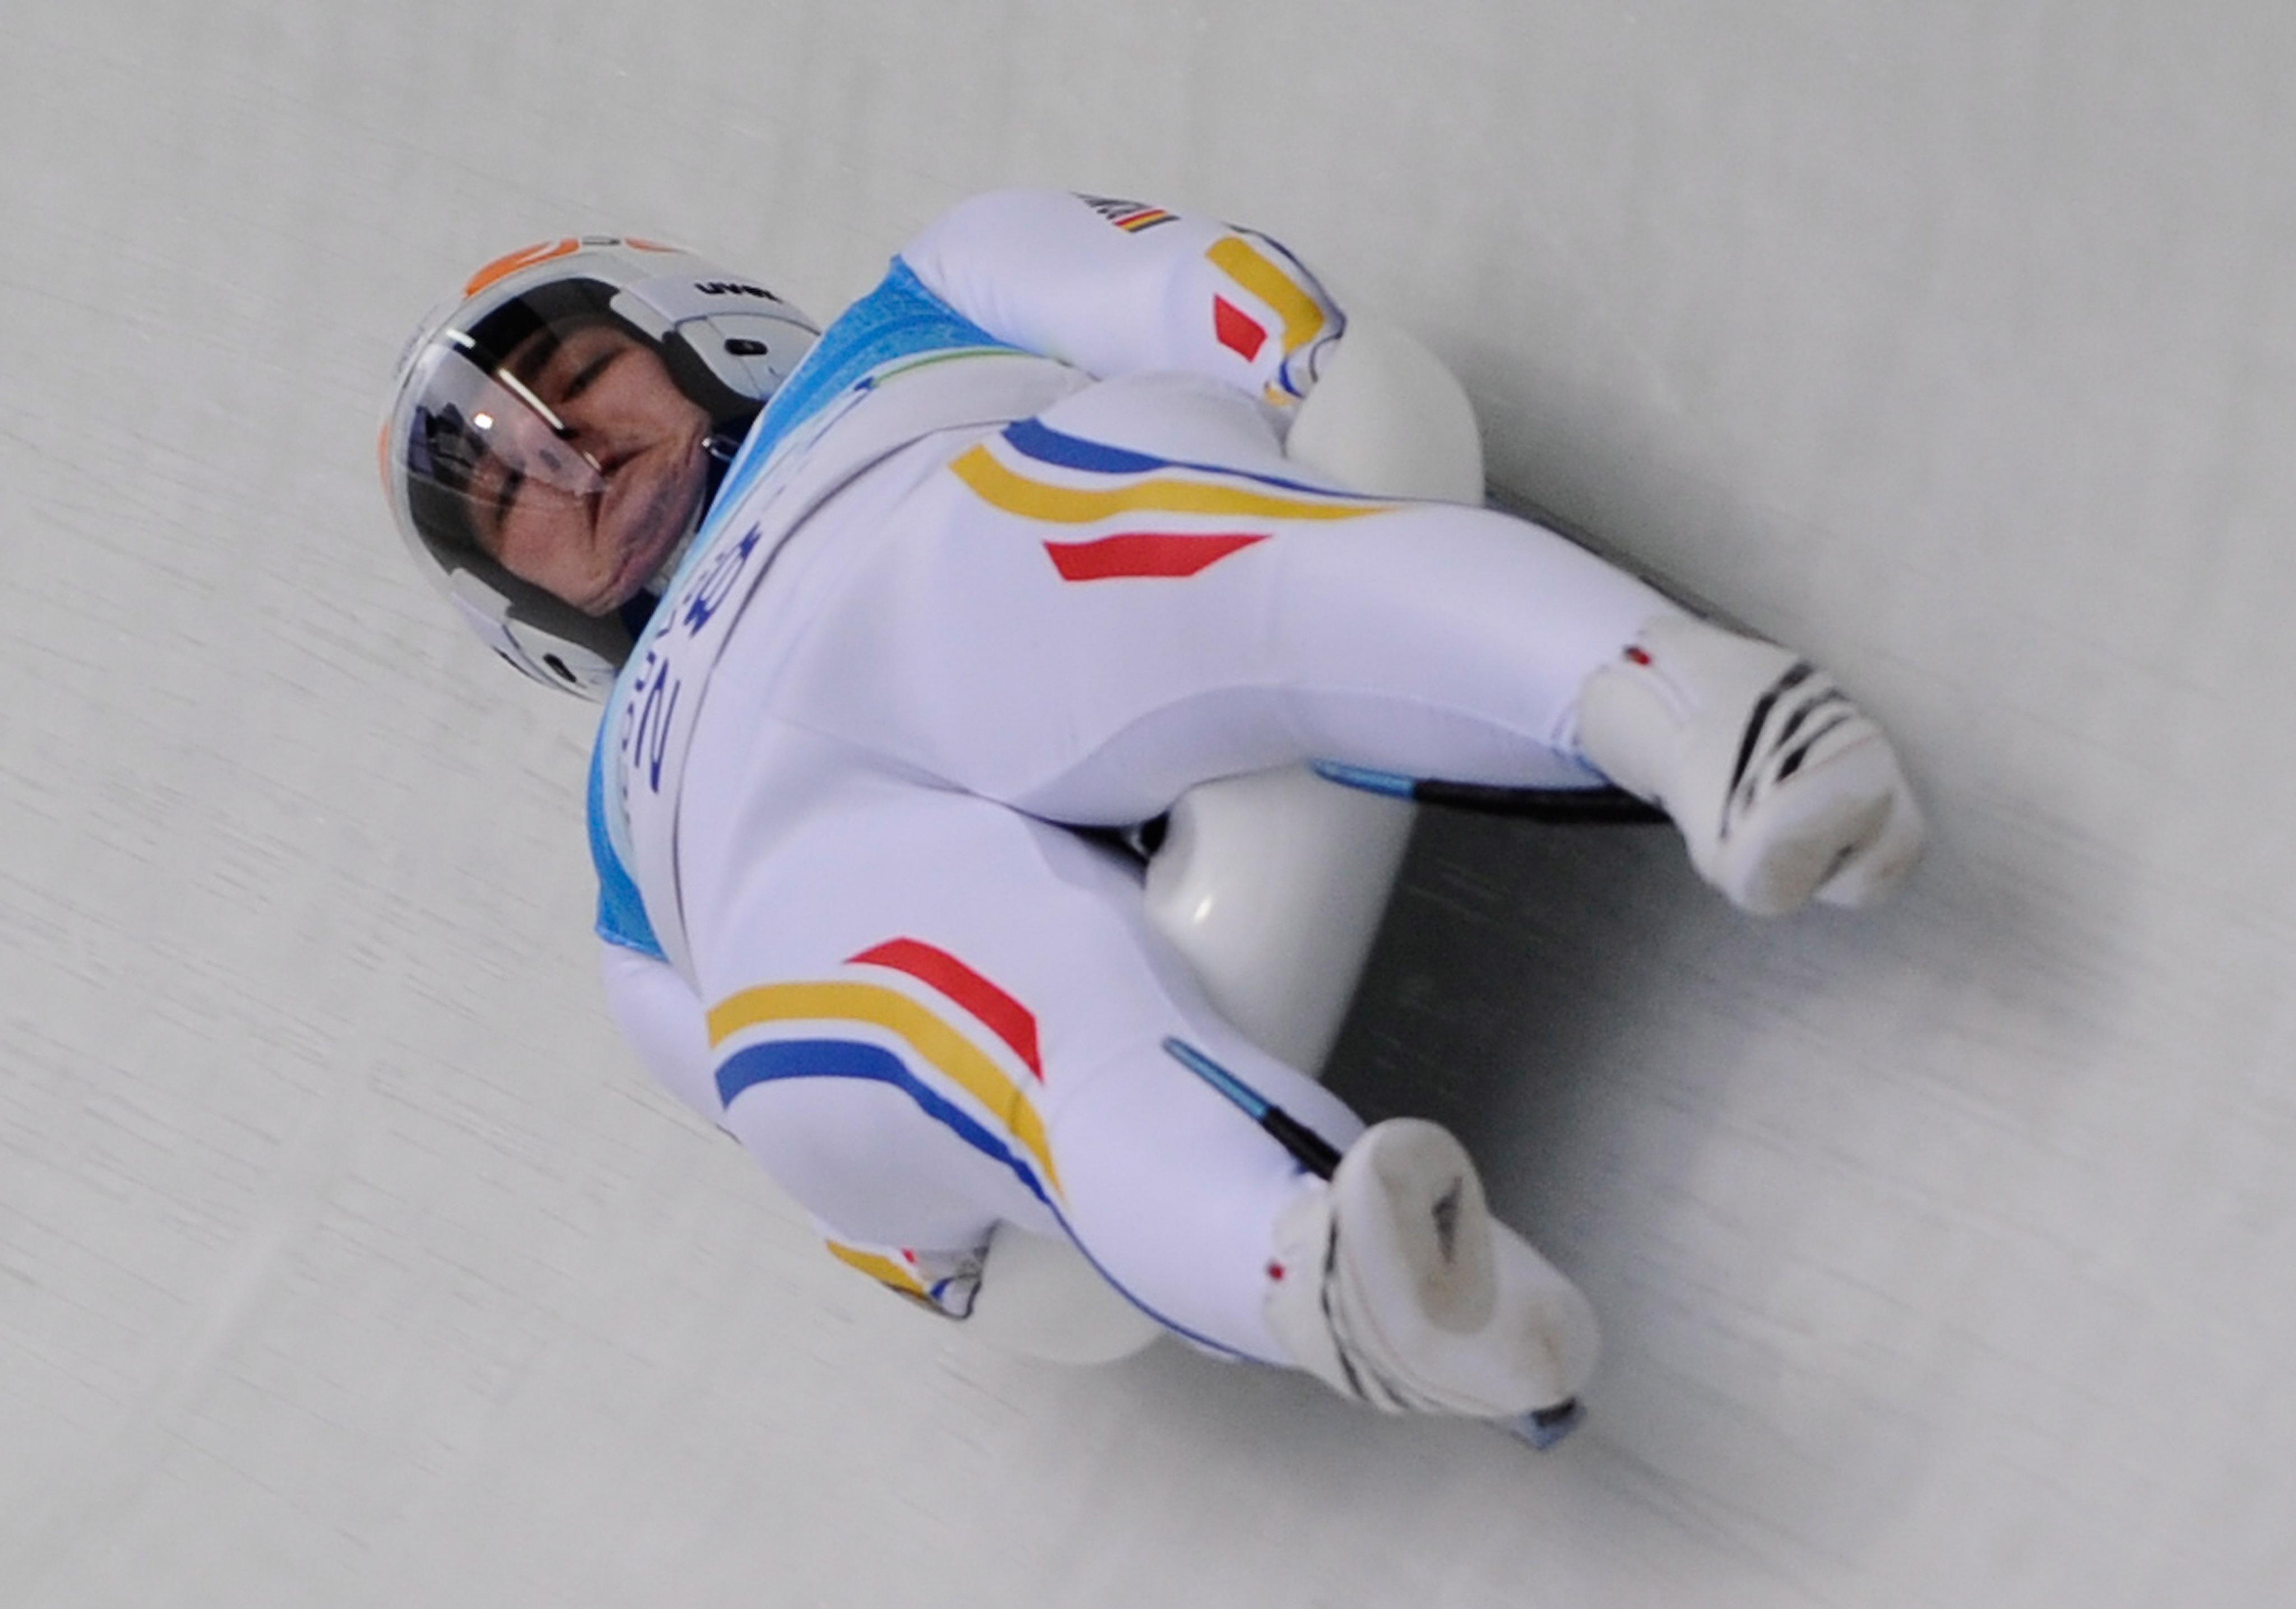 Valetin Crețu va participa în proba de sanie la Jocurile Olimpice de iarnă din 2018. (FOTO: EPA)